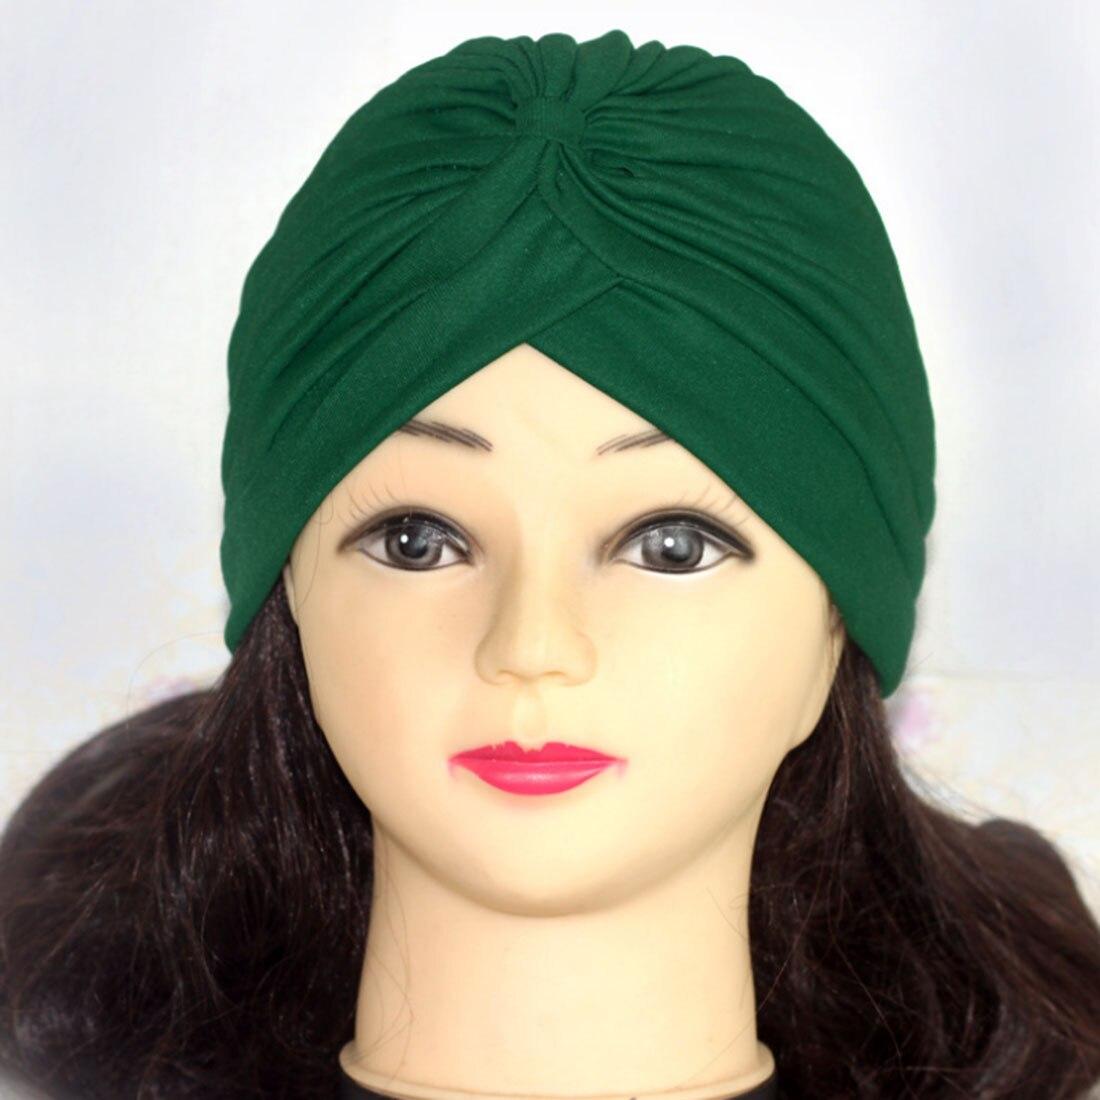 Хиджаб шарф тюрбан шапка s мусульманский головной платок Защита от солнца Кепка Женская хлопковая мусульманская многофункциональная тюрбан платок femme musulman - Цвет: 17